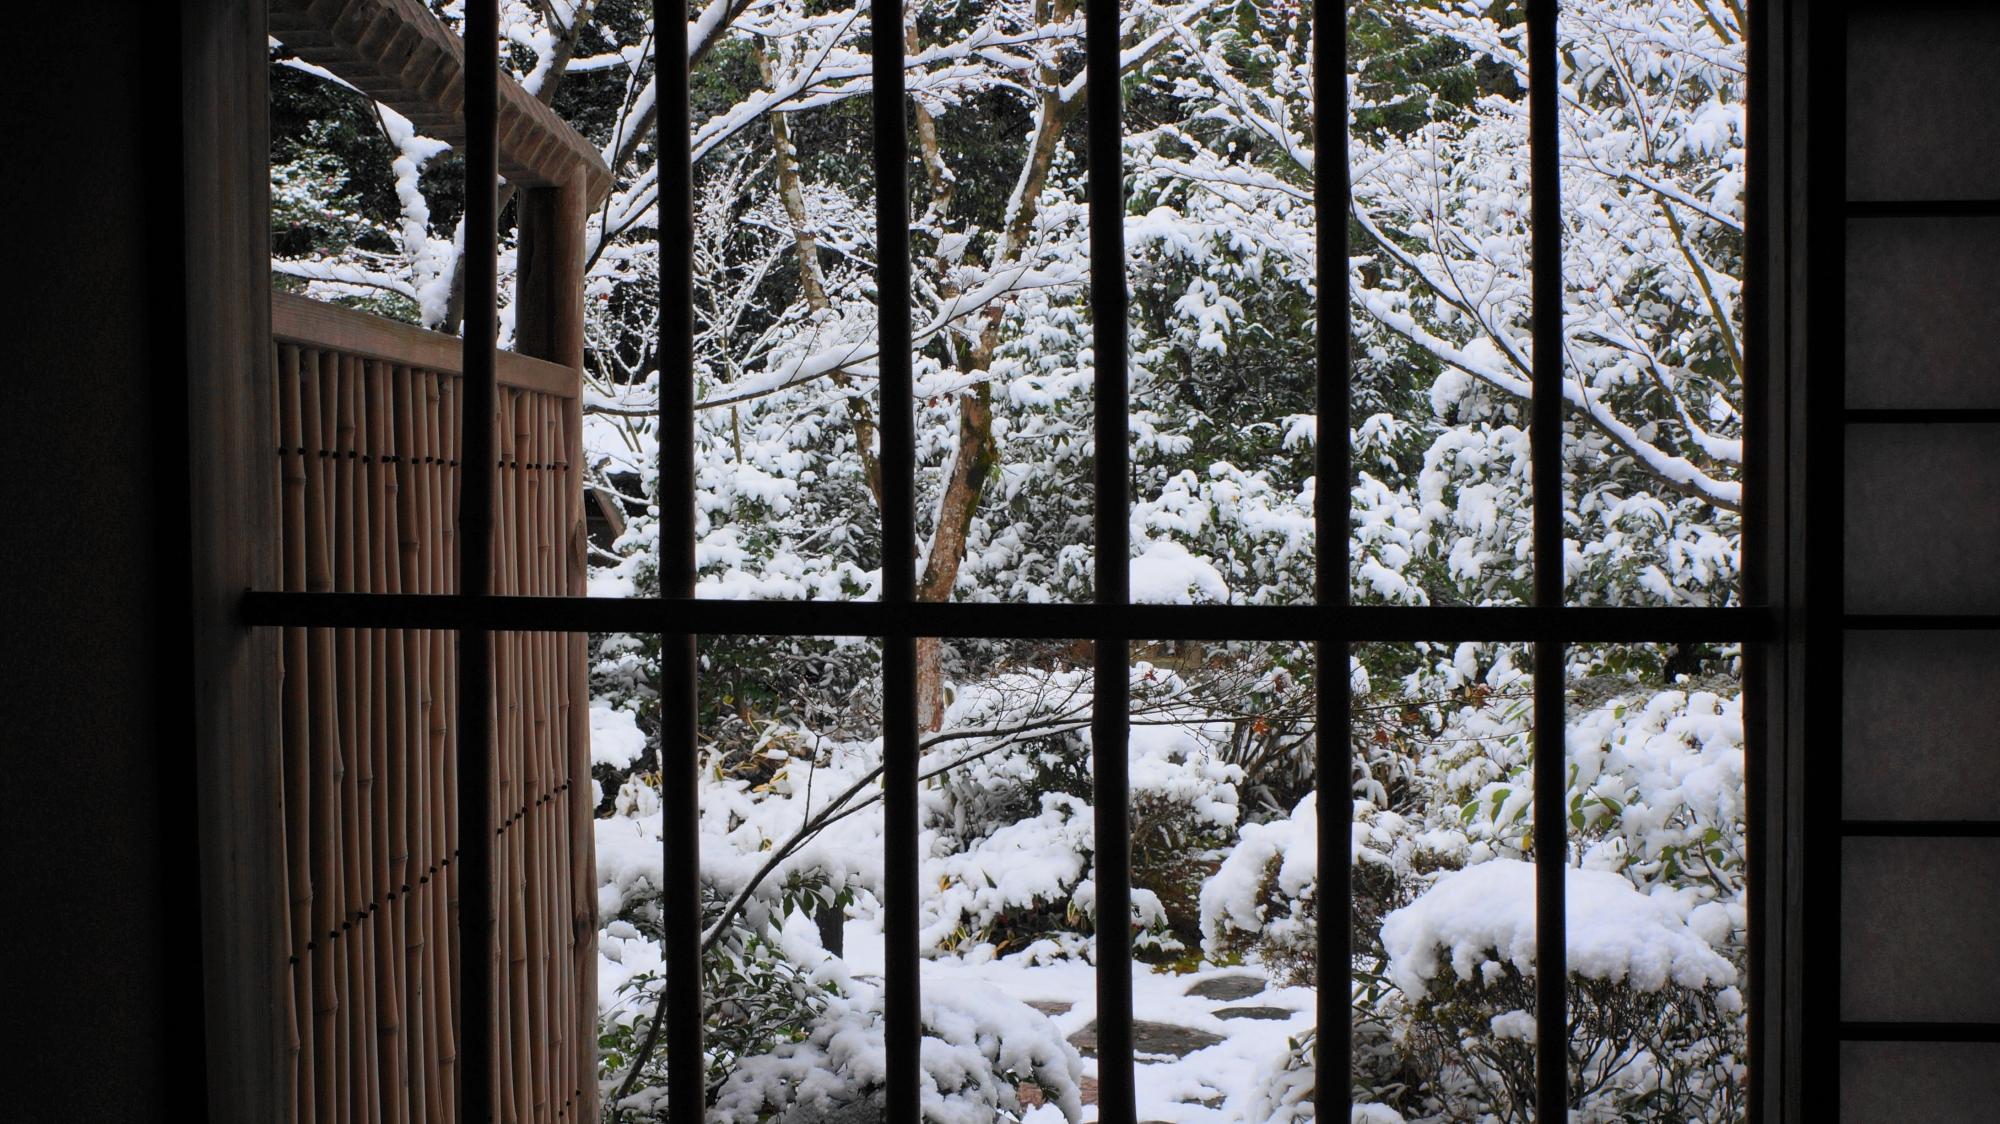 格子越し眺めた雪の庭園